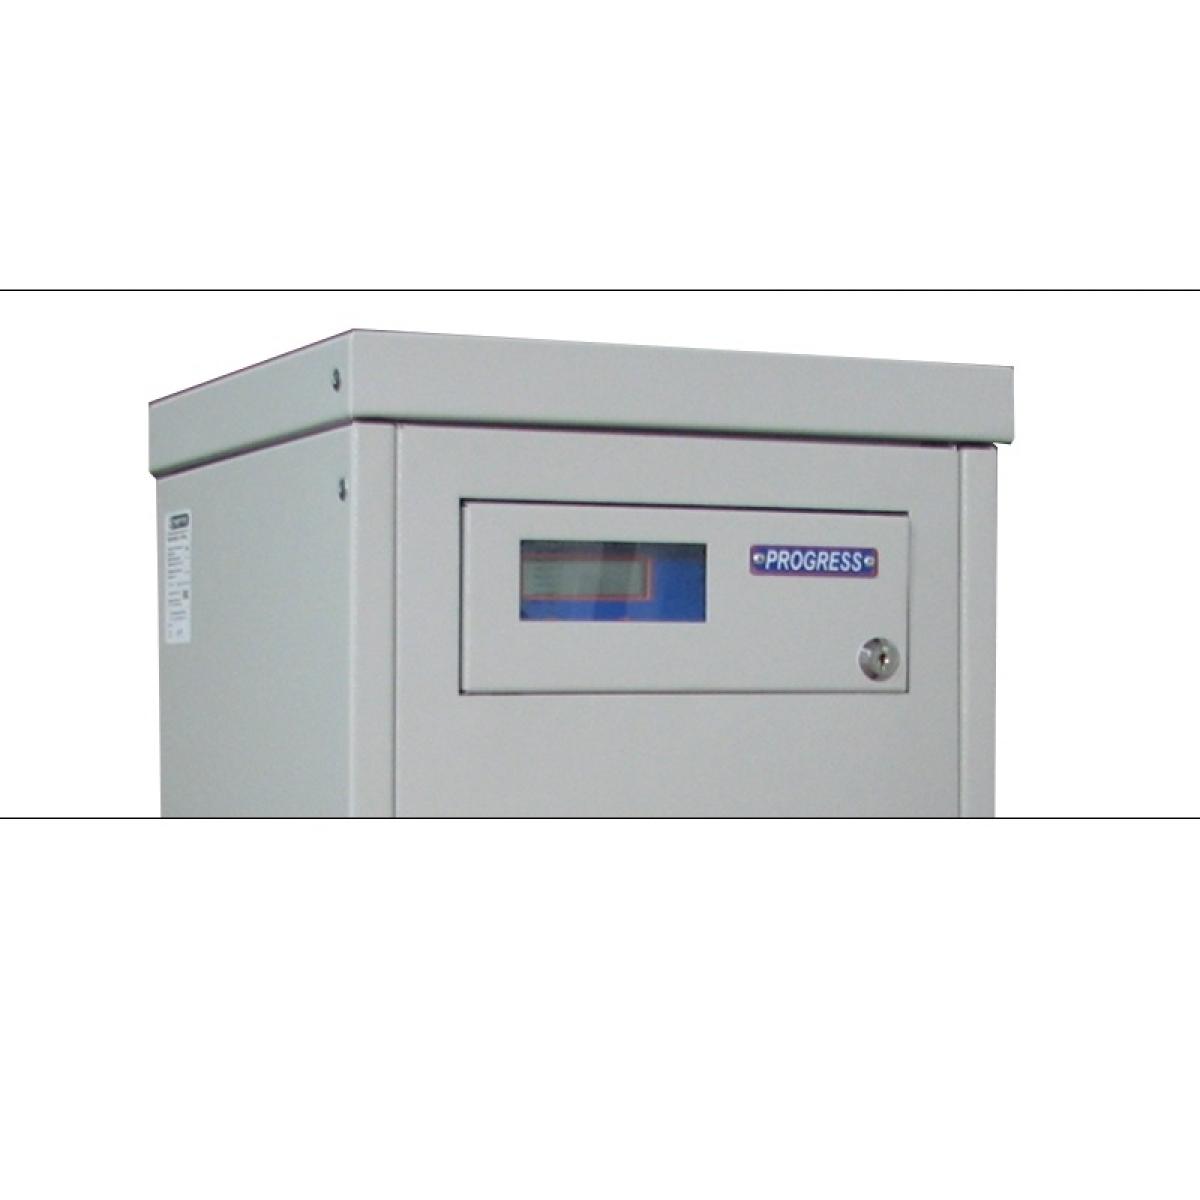 Однофазный стабилизатор PROGRESS 15000L, дисплей